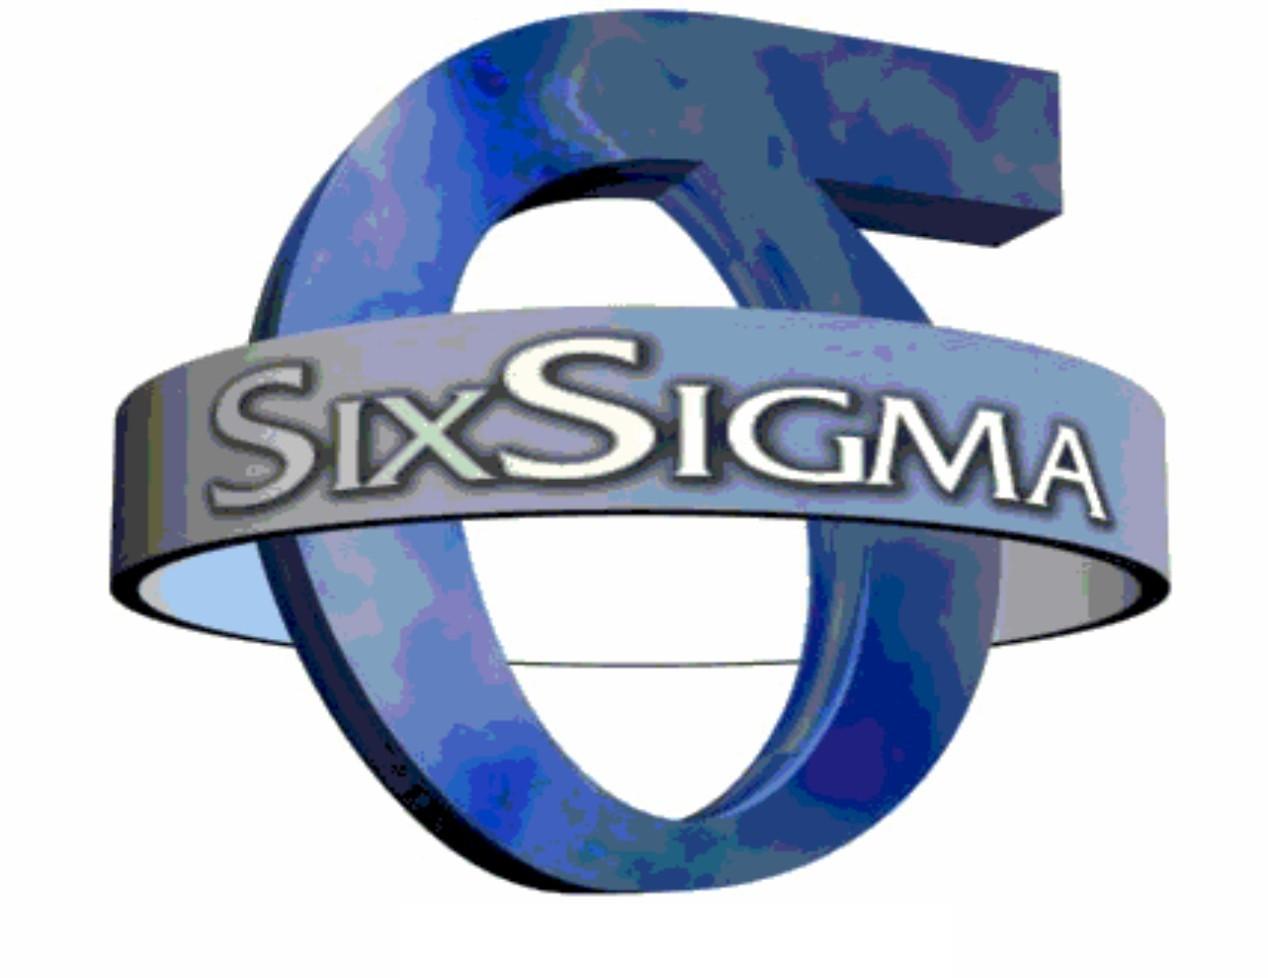 La metodología Six Sigma y sus variantes